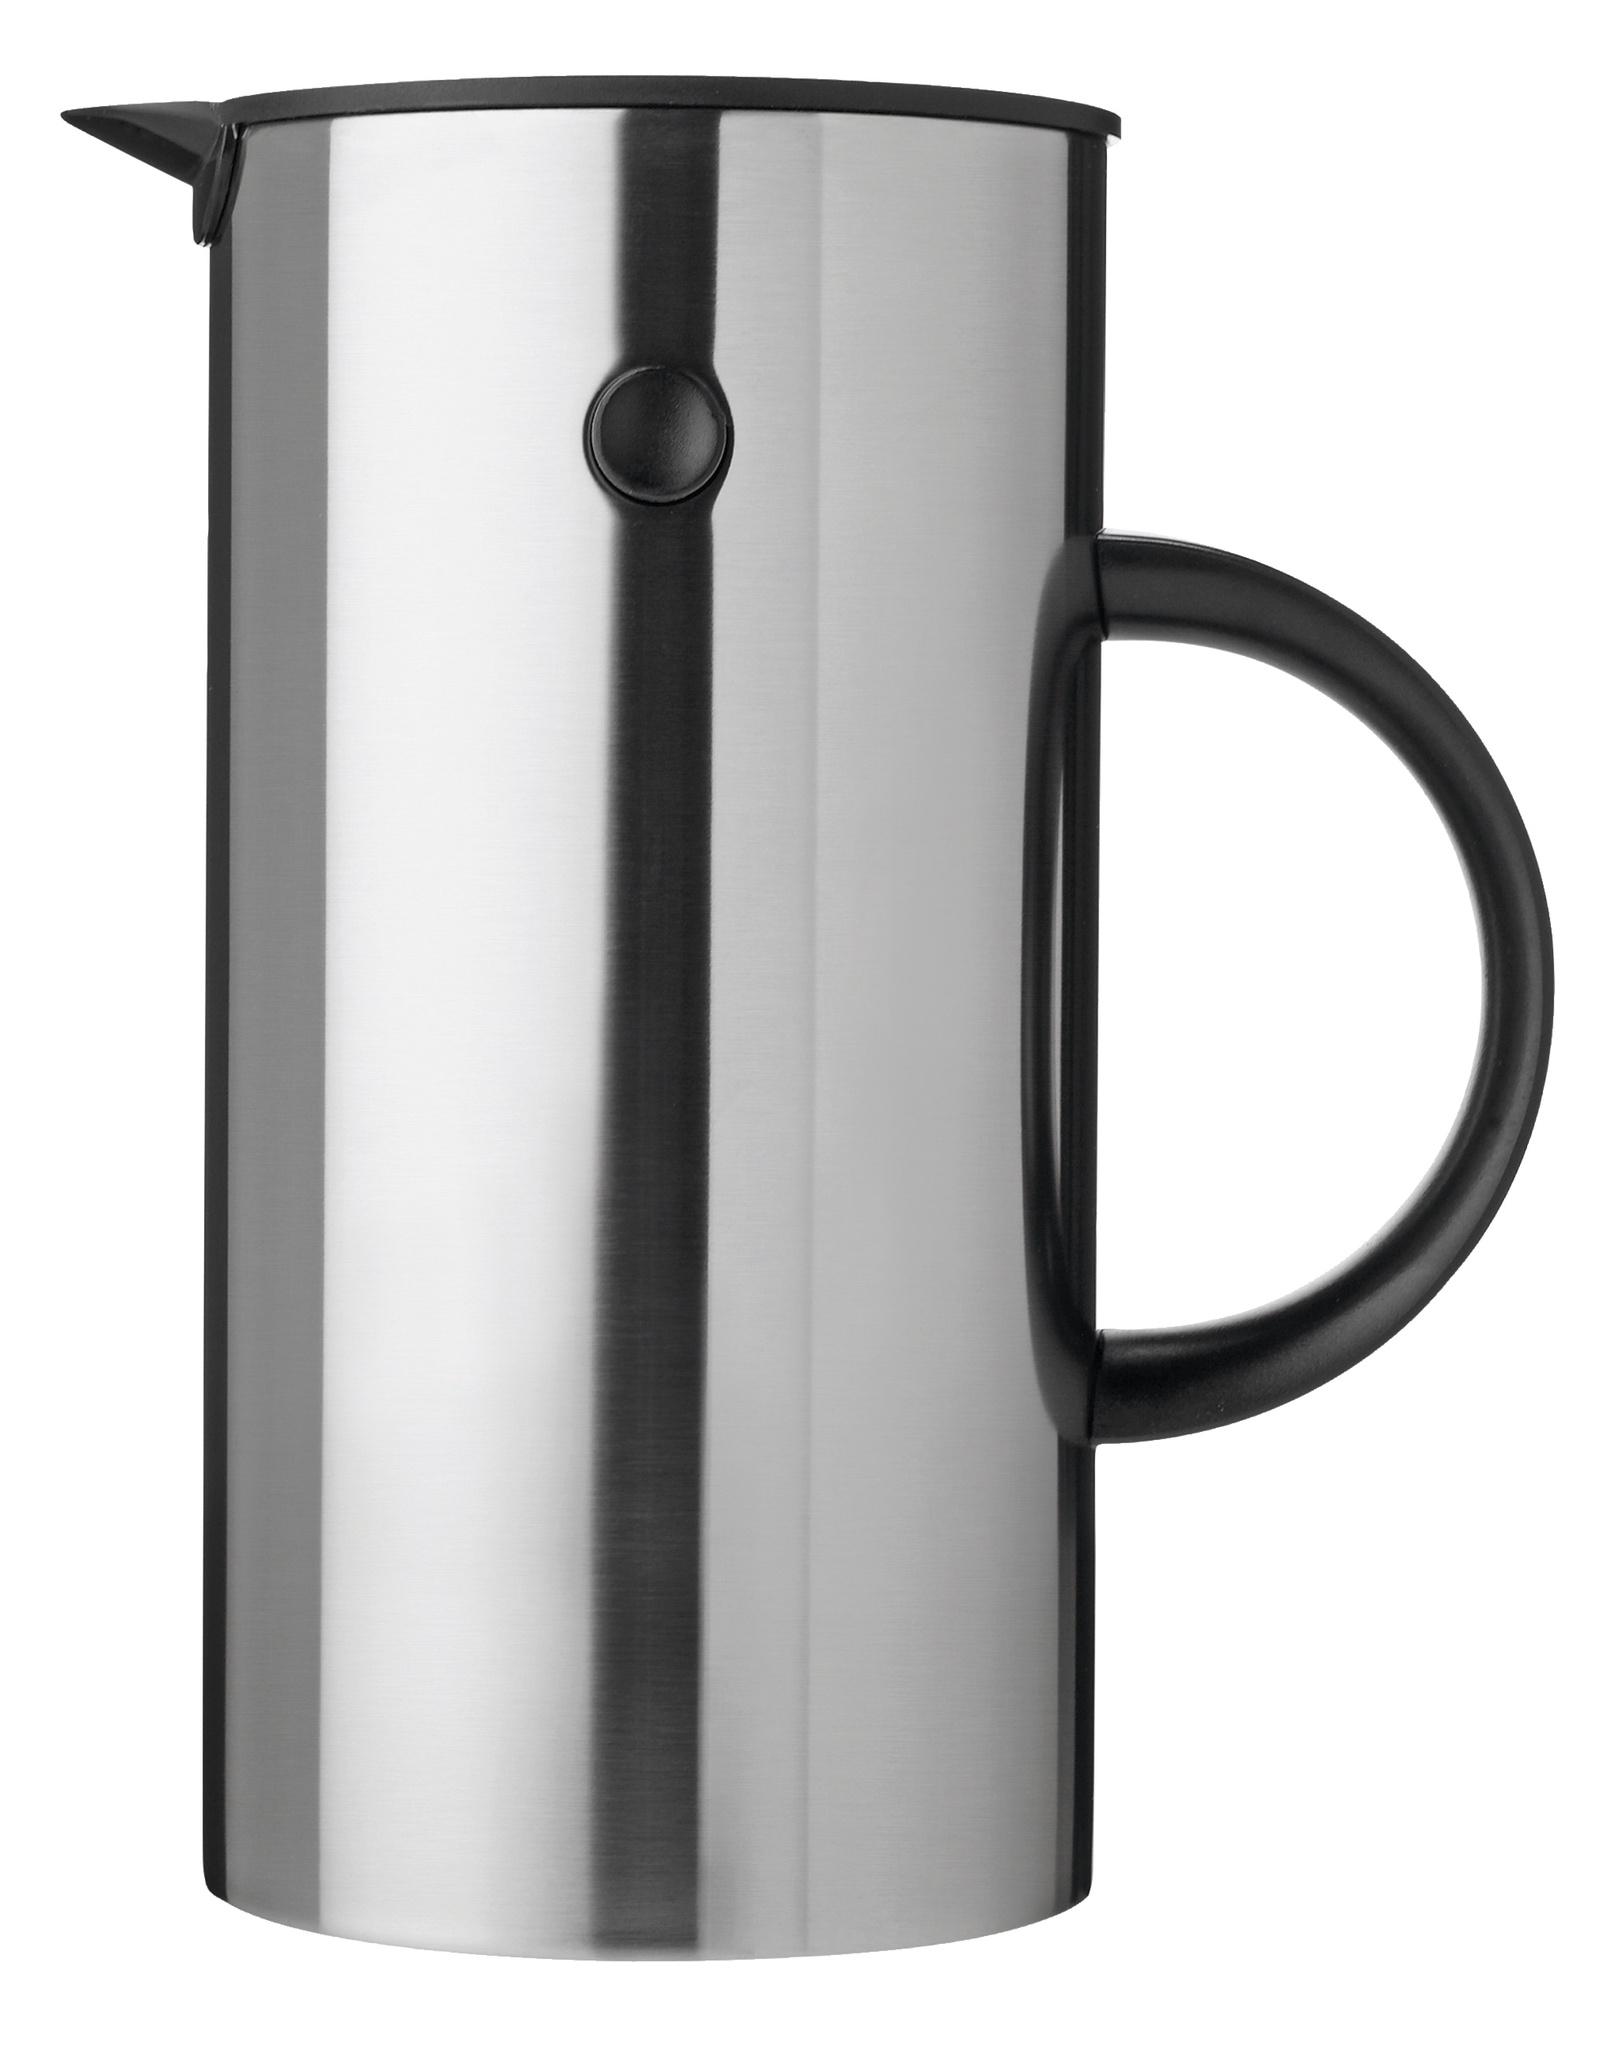 Вакуумный термос Stelton EM77 0,5L, 915915Материал: нержавеющая сталь. Размер: высота 22, длина 13,5, ширина 13,5. Цвет: металлический. Объем 0,5л.Термос предназначен для чая и кофе. Термос не подходит для любых напитков, содержащих жир(например, молоко, какао и т.п.). Свойства поддержания температуры напитка: через 1 час - около 88°C, через 2 часа - около 83°C, через 4 часа - около 78°C, через 6 часов - около 71°C. Идеальная температура свежесваренного кофе, согласно European Coffee Brewing Centre (www.ecbc.info), составляет 80-85°C. Таким образом, теплоизоляционные свойства термоса позволят поддерживать идеальную температуру кофе на протяжении долгого времени. Специальная пробка для пикника позволяет закрыть термос, чтобы напиток не выливался. Таким образом, Вы всегда можете взять с собой термос с Вашим любимыми напитком, не переживая, что жидкость прольется. Стеклянная емкость сделана из 2х слоев тонкого стекла с вакуумом между внутренним и внешним стеклами. Таким образом, Вы всегда можете взять с собой термос с Вашим любимыми напитком, не переживая, что жидкость прольется. Стеклянная емкость сделана из 2х слоев тонкого стекла с вакуумом между внутренним и внешним стеклами.